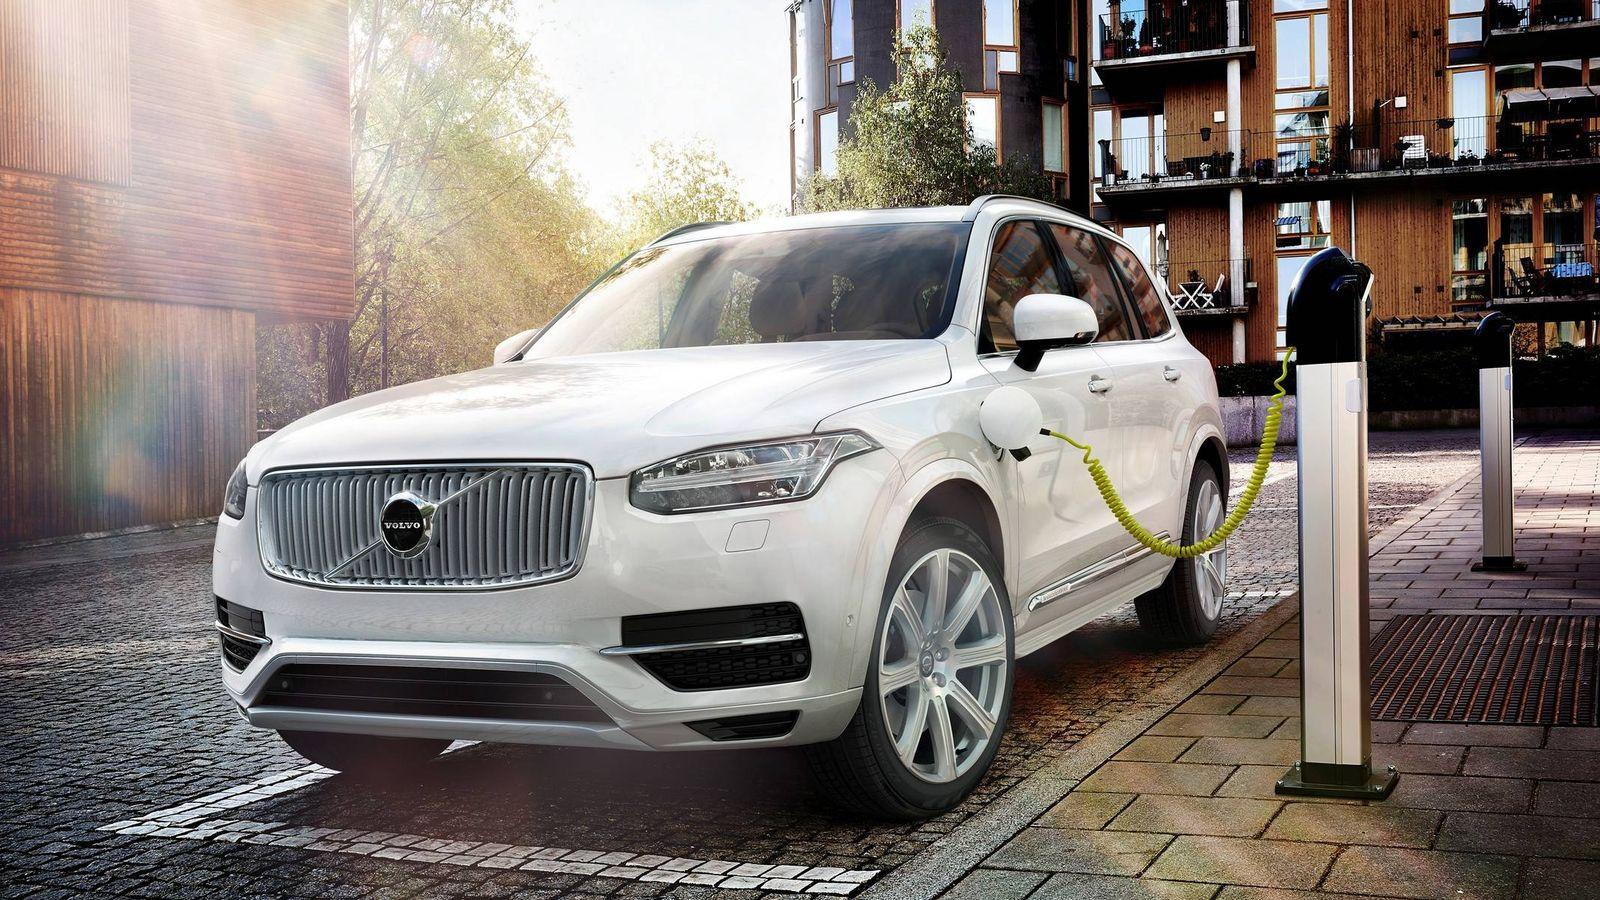 Foto: El coche eléctrico es uno de los grandes retos para el sector de automoción en España.